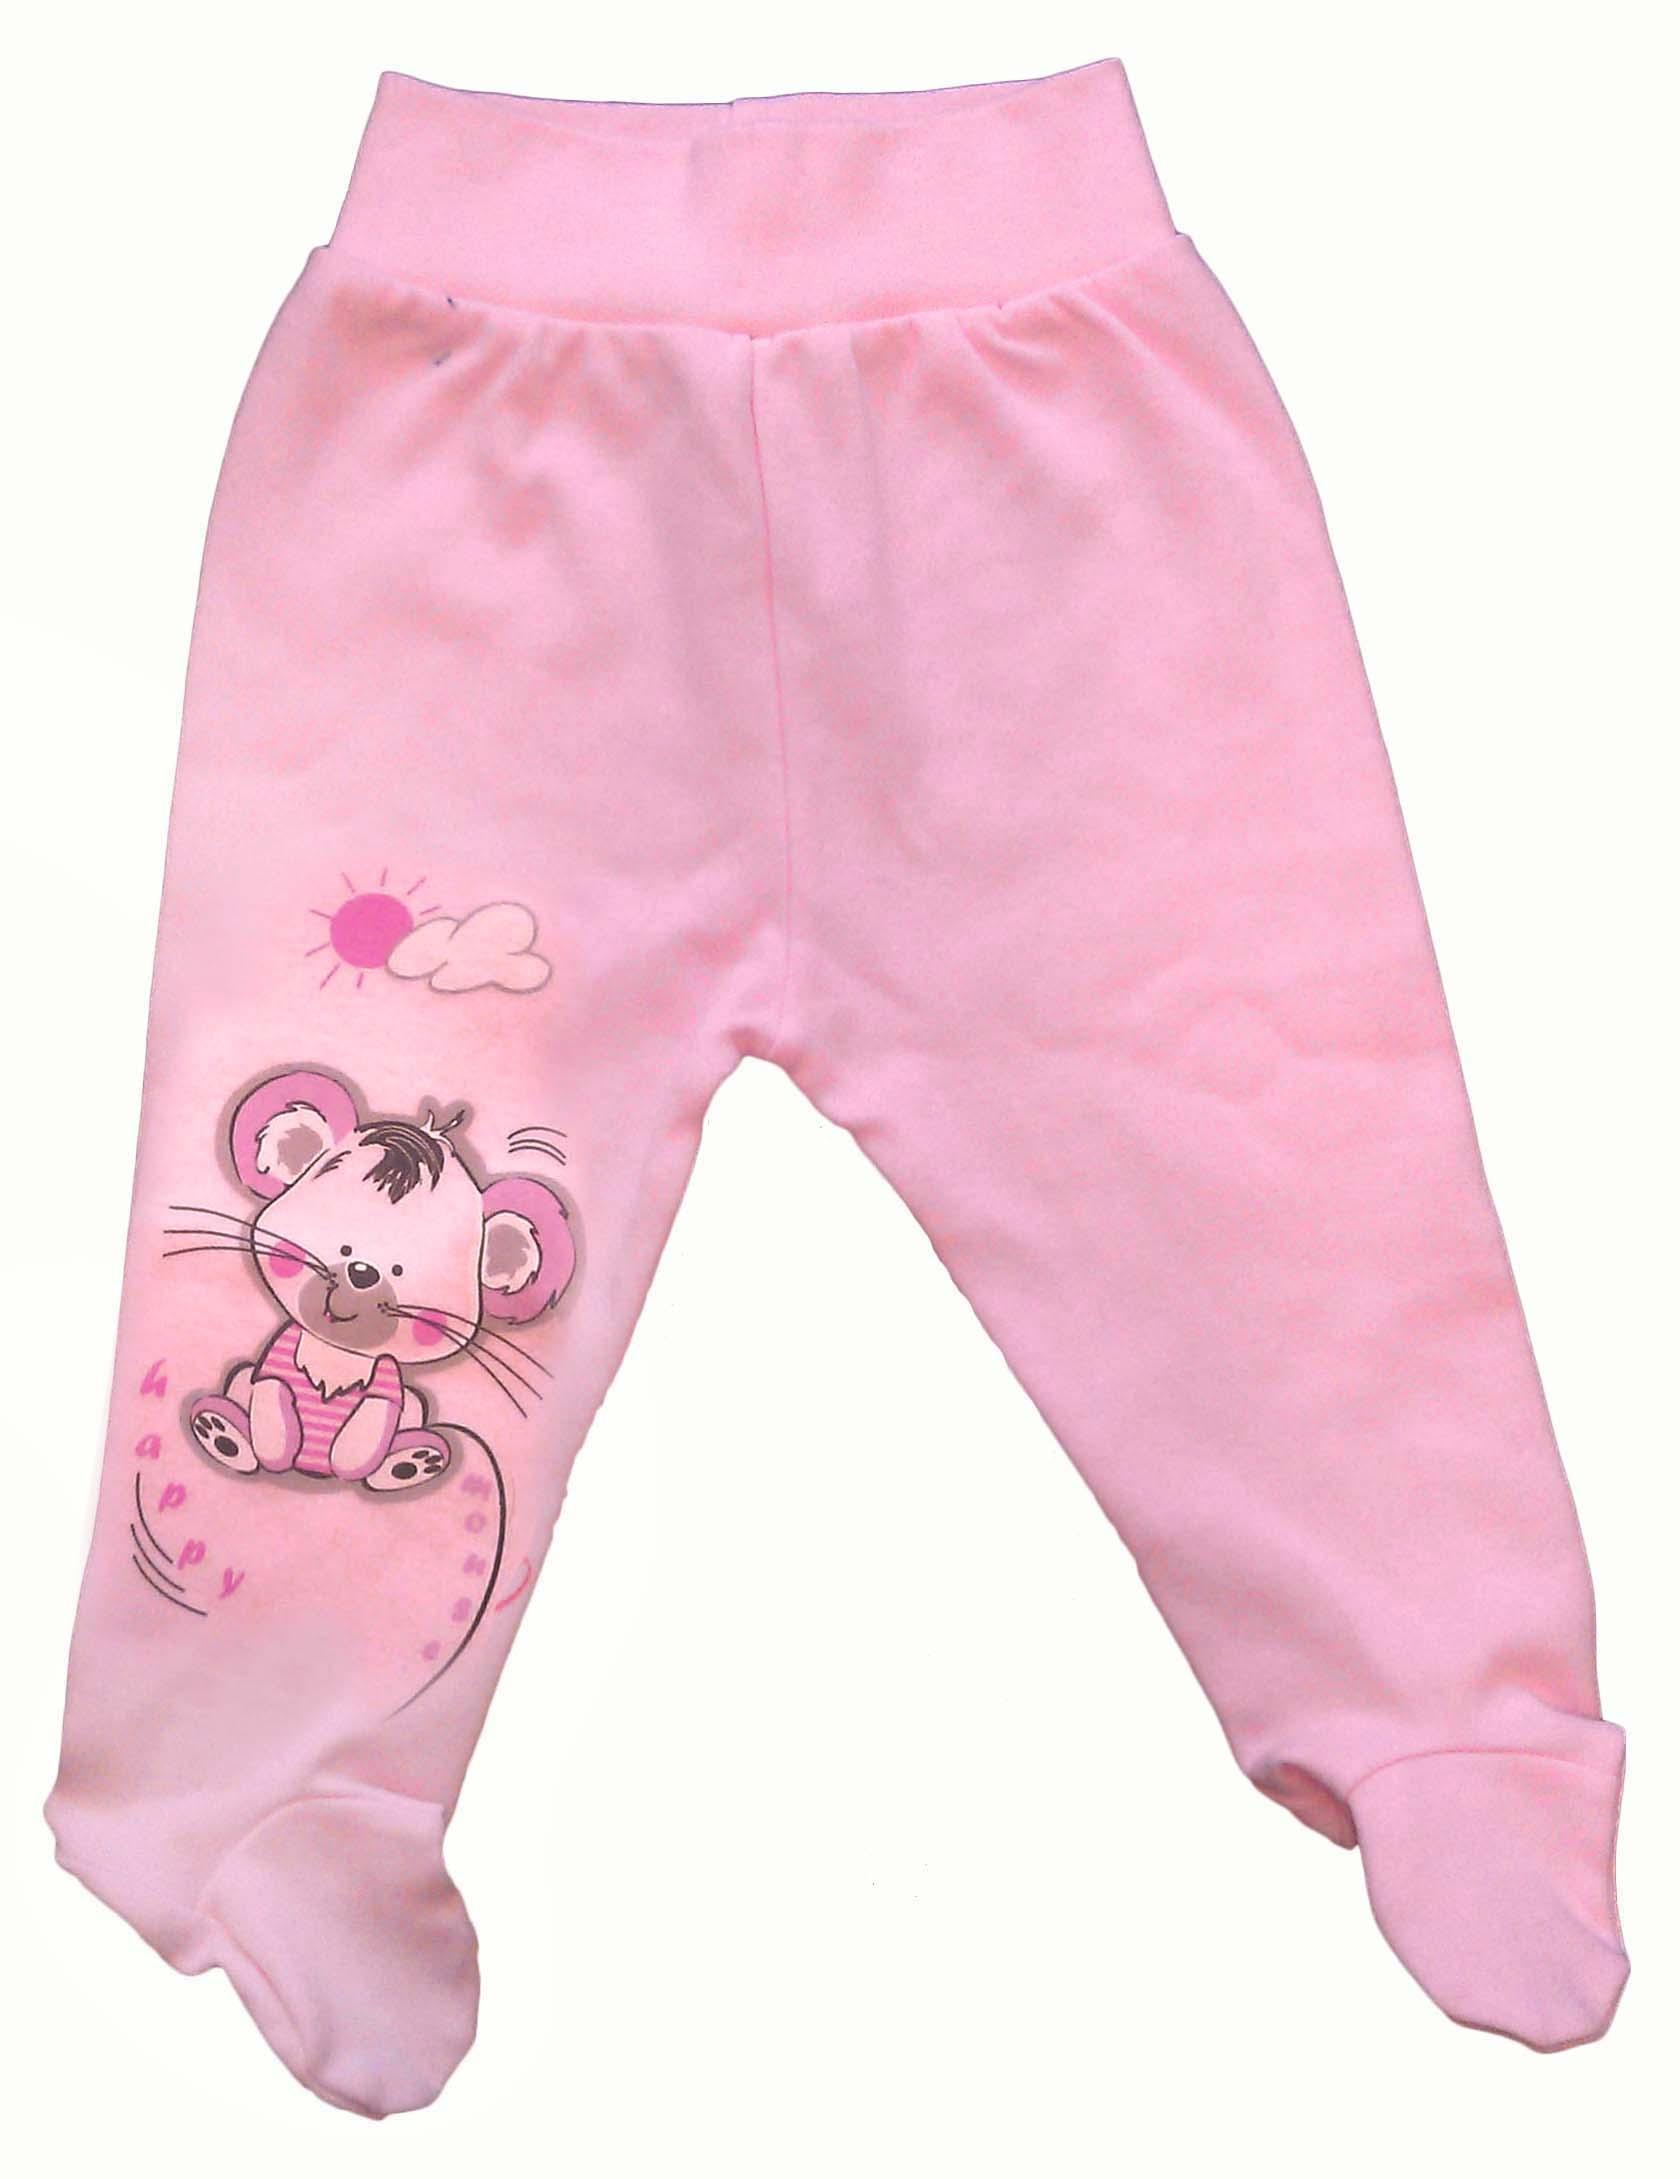 Первые вещи новорожденного Дамонт Ползунки Мышки Дамонт Розовые ползунки емае